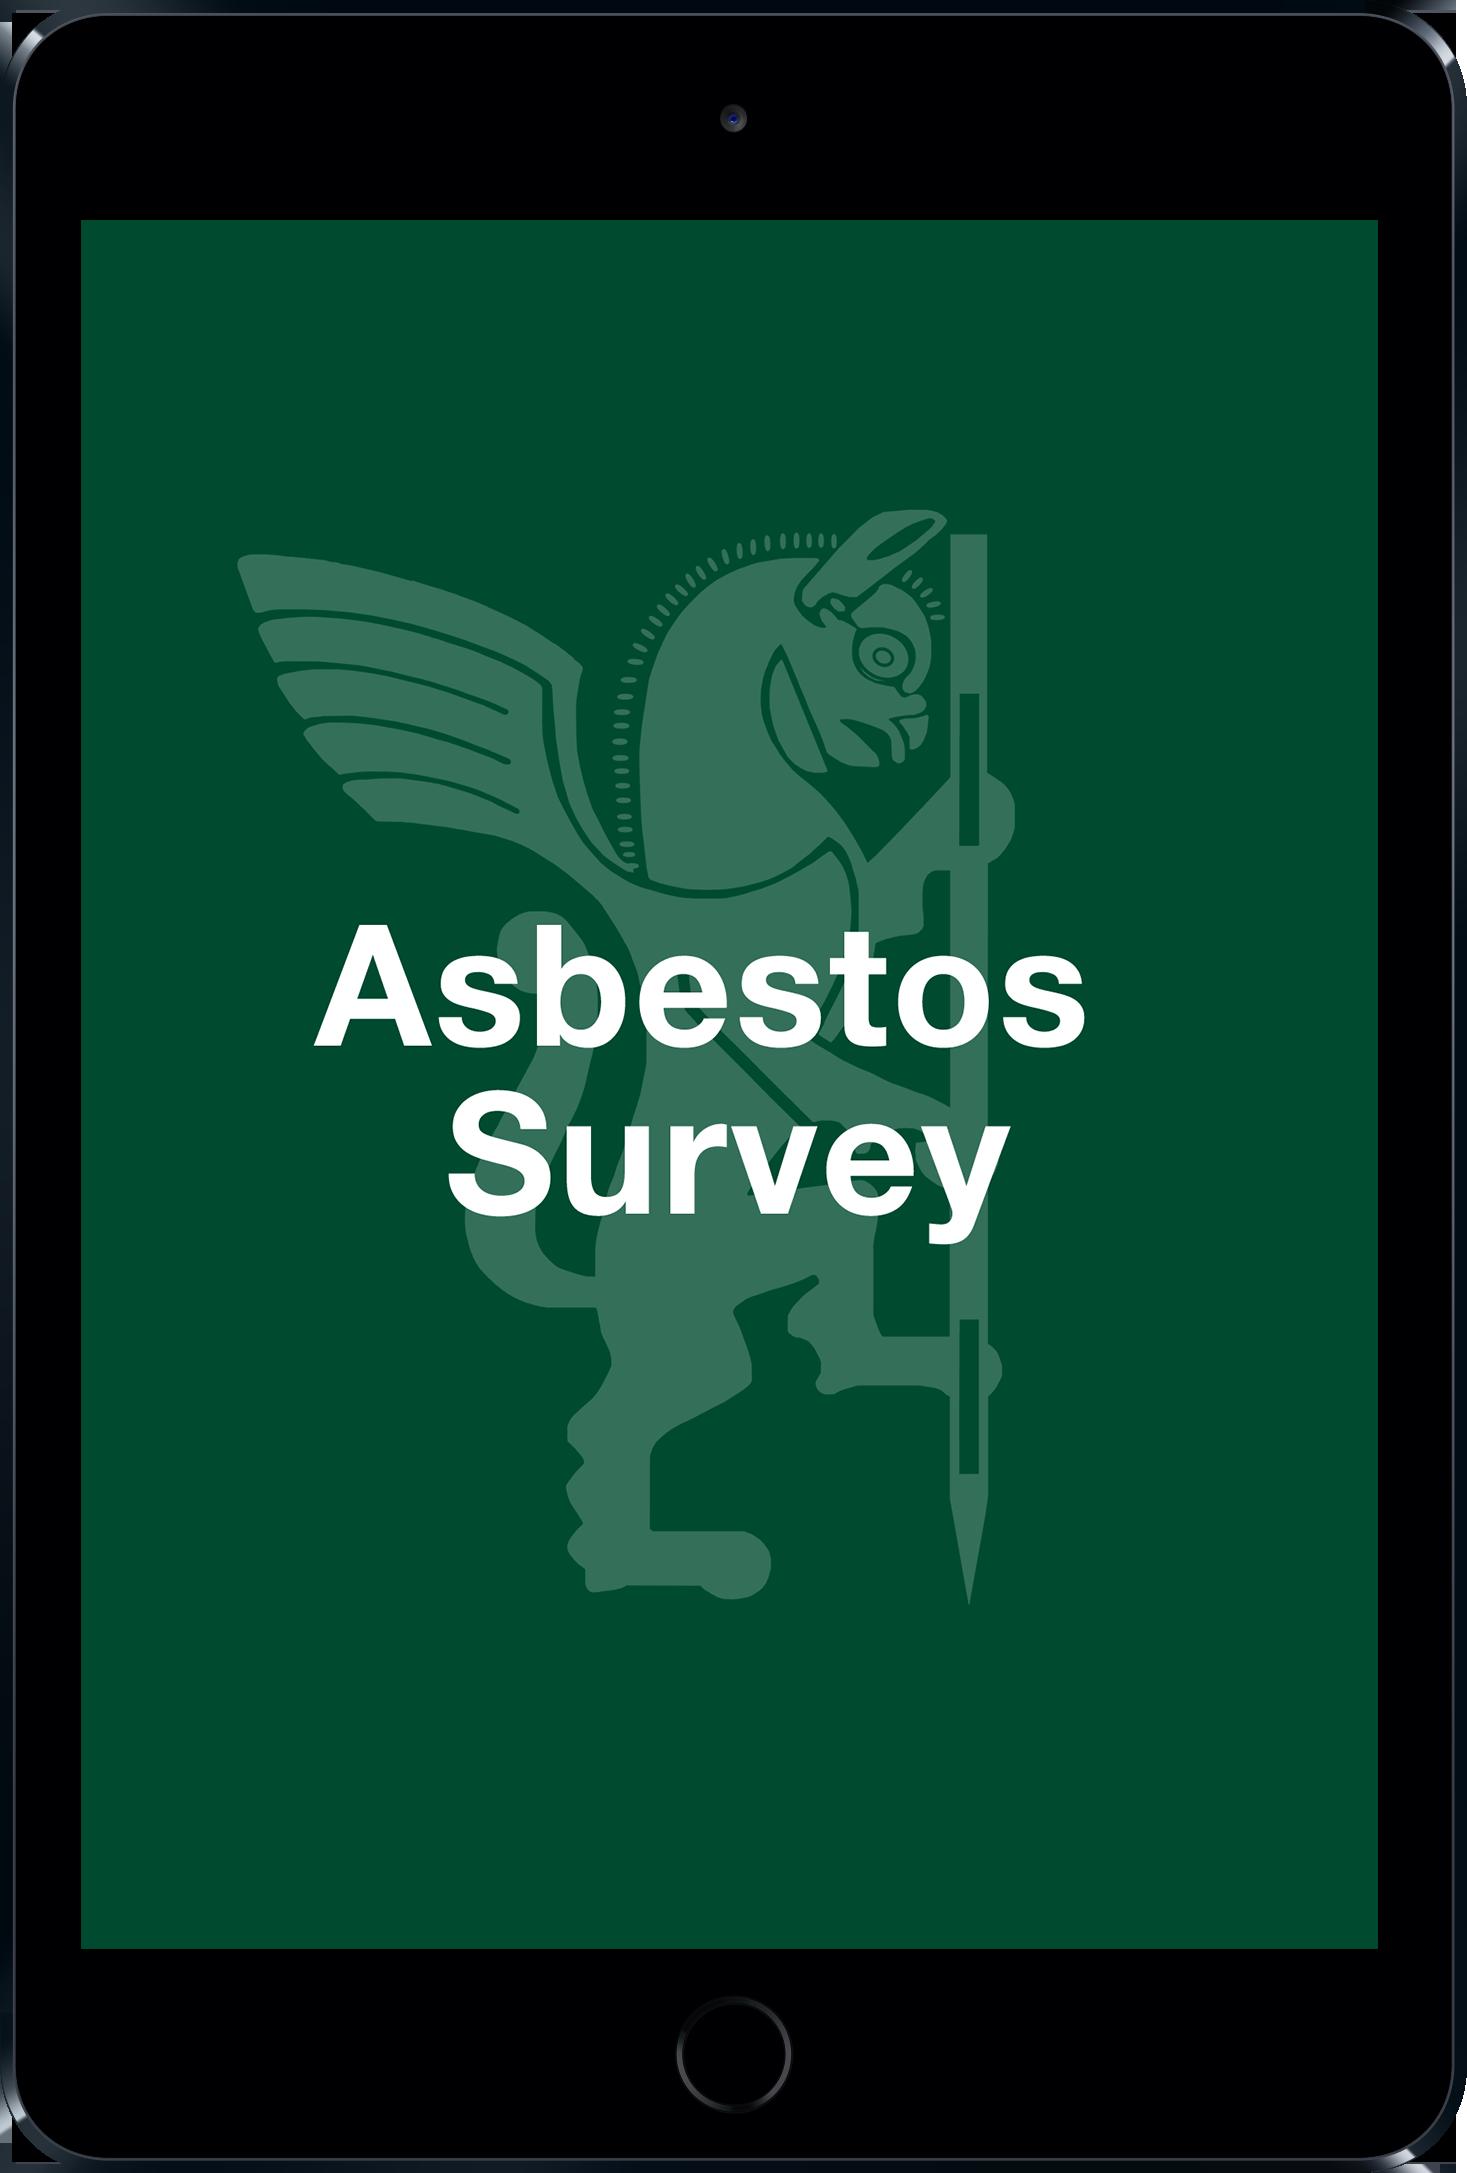 Asbestos survey b56a7e6e4a73858dd15a025160967c5e5e1f783587ed30075d8a0ac8e4e1ce36